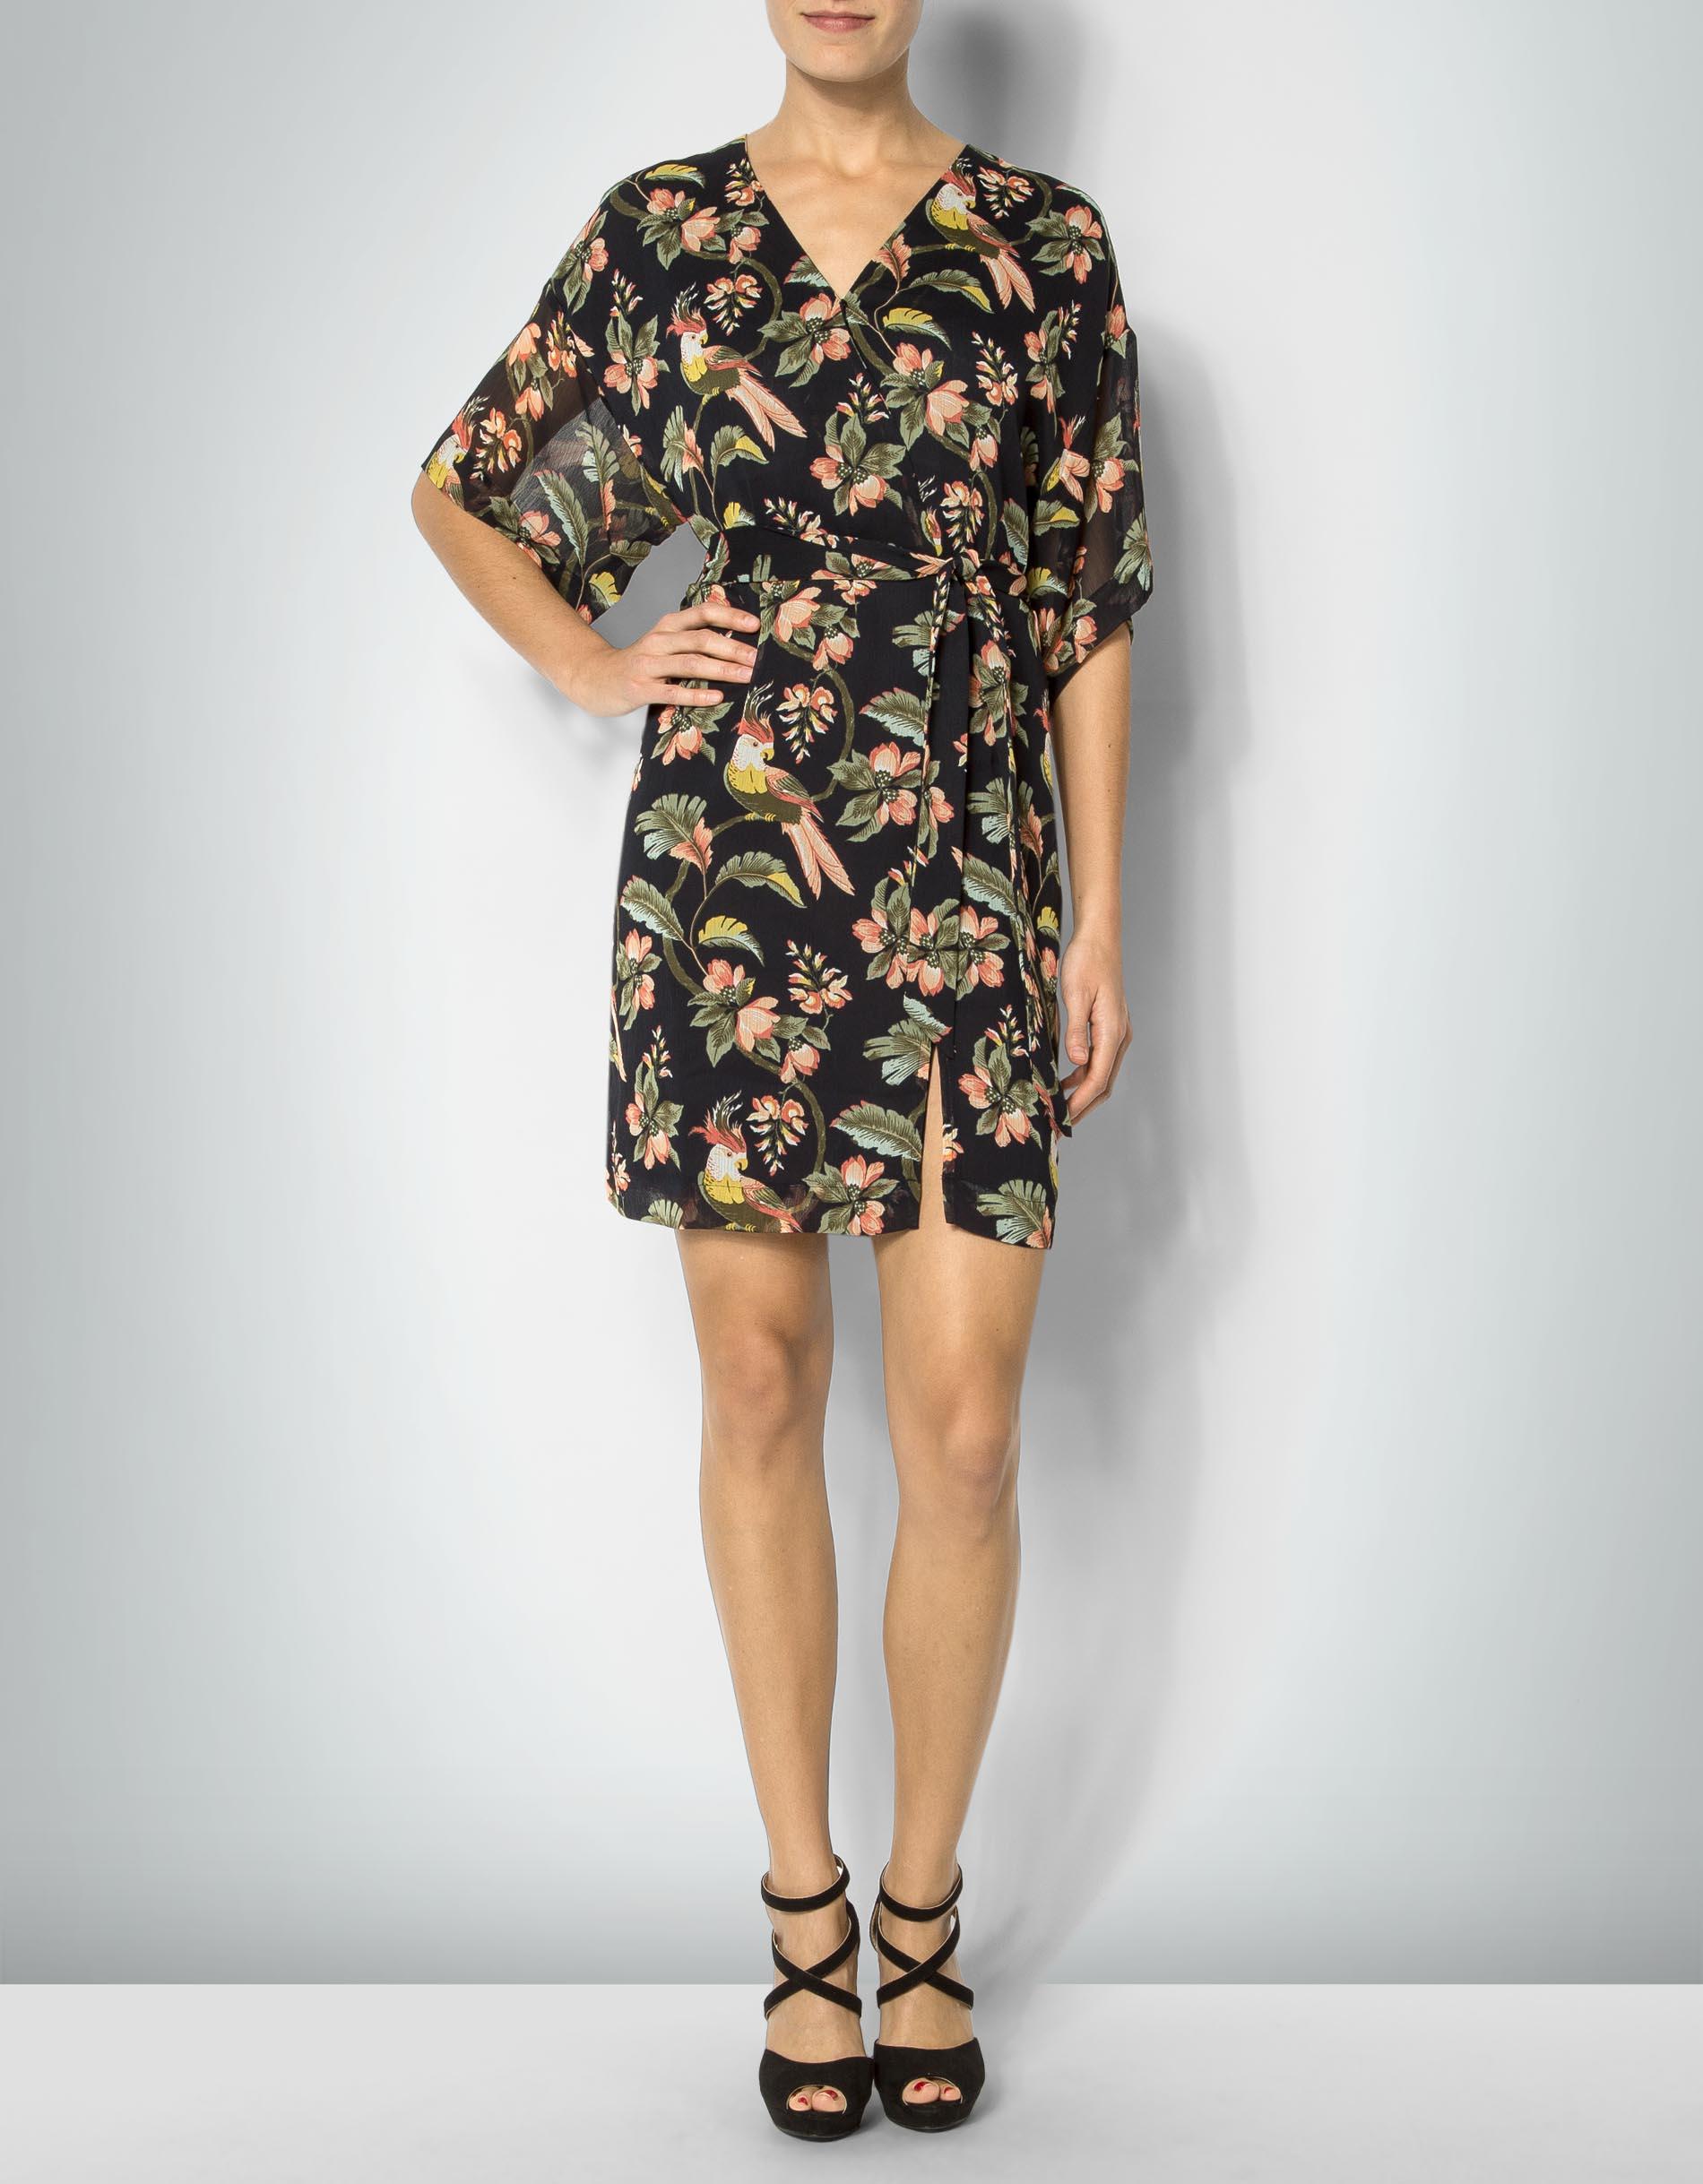 Pepe Jeans Damen Kleid Heidi Mit Tropischem Print Empfohlen Von